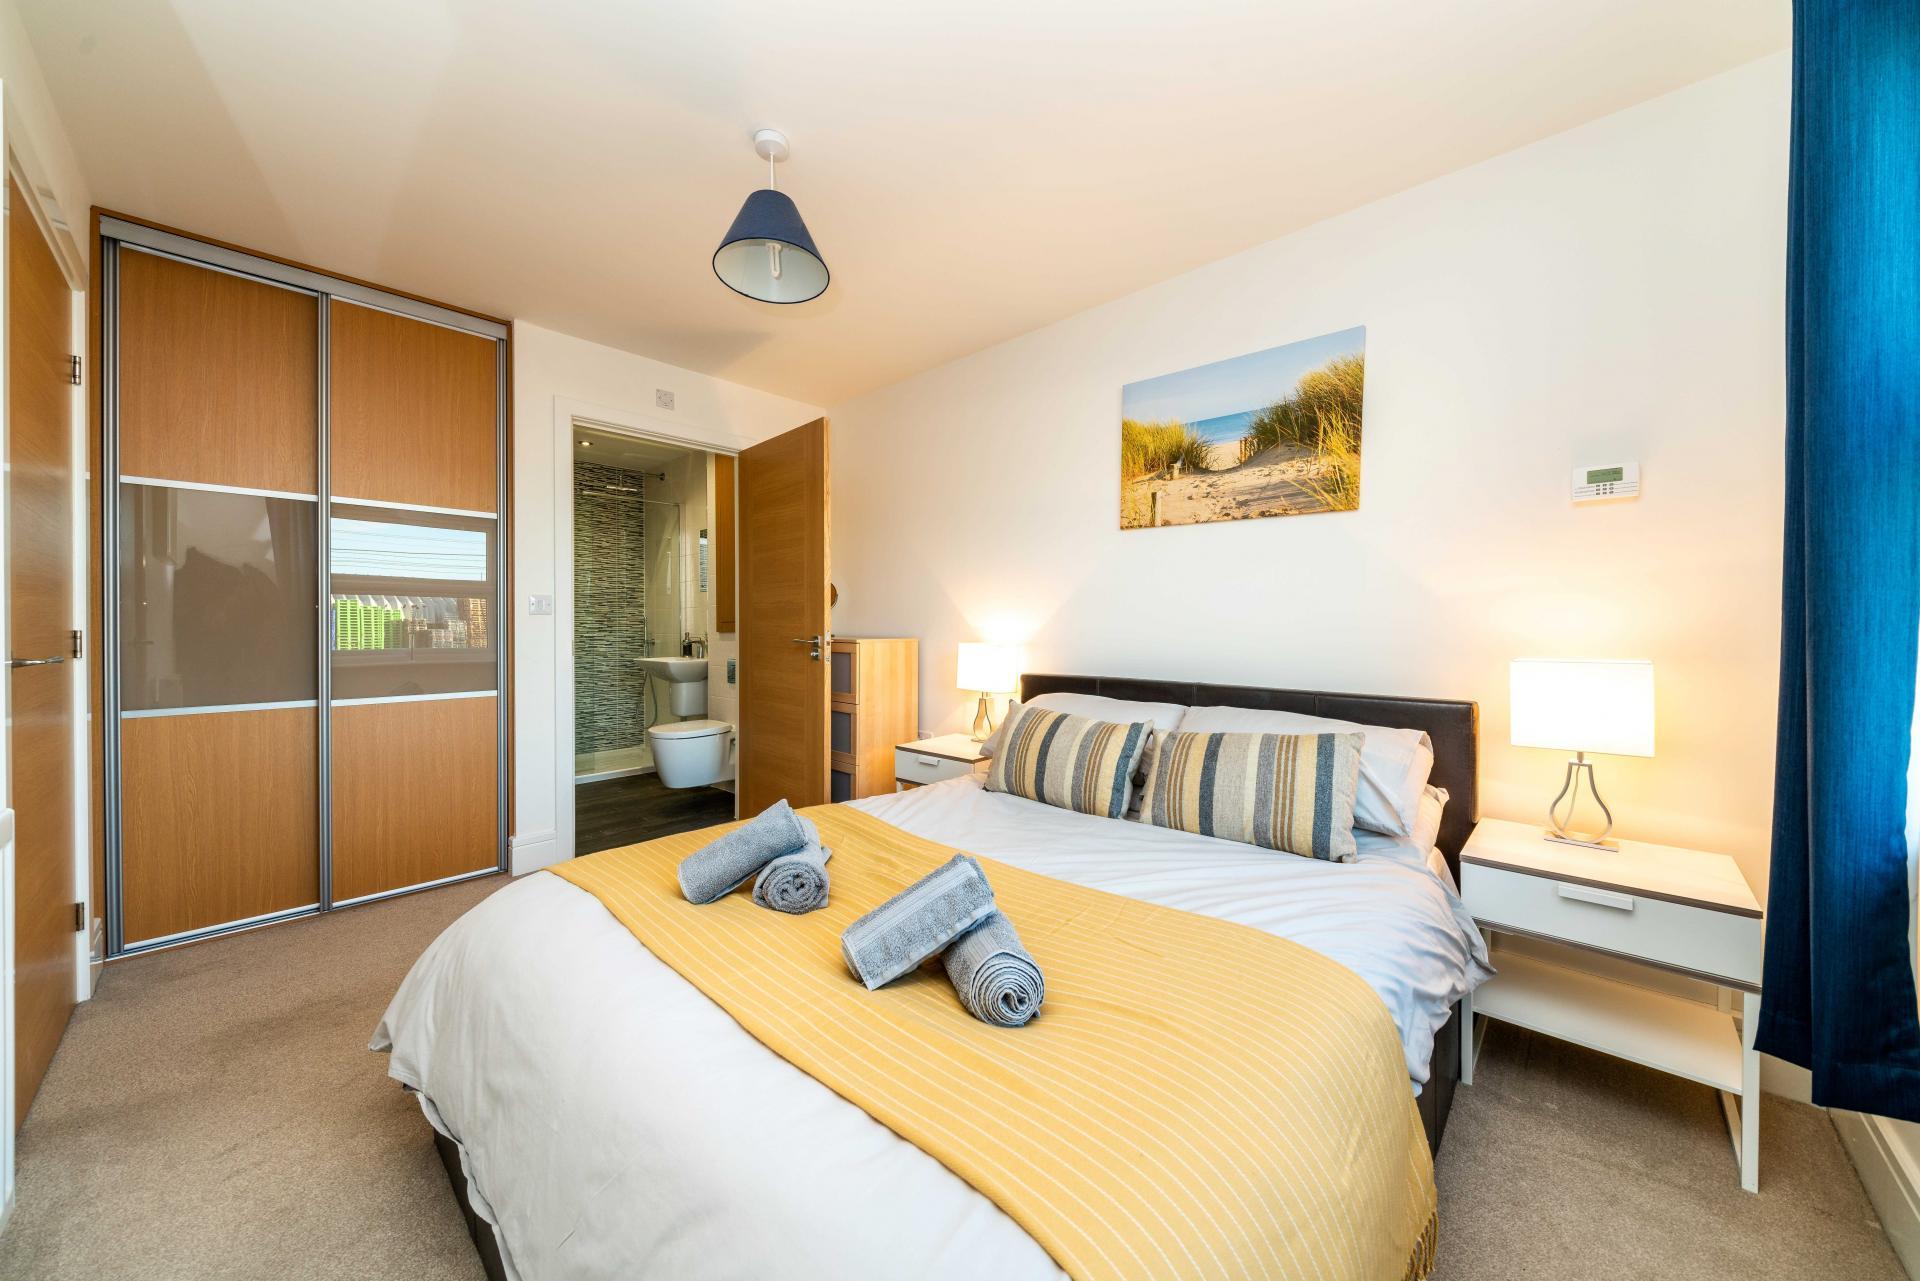 Bedroom 1 at Pilot's Retreat